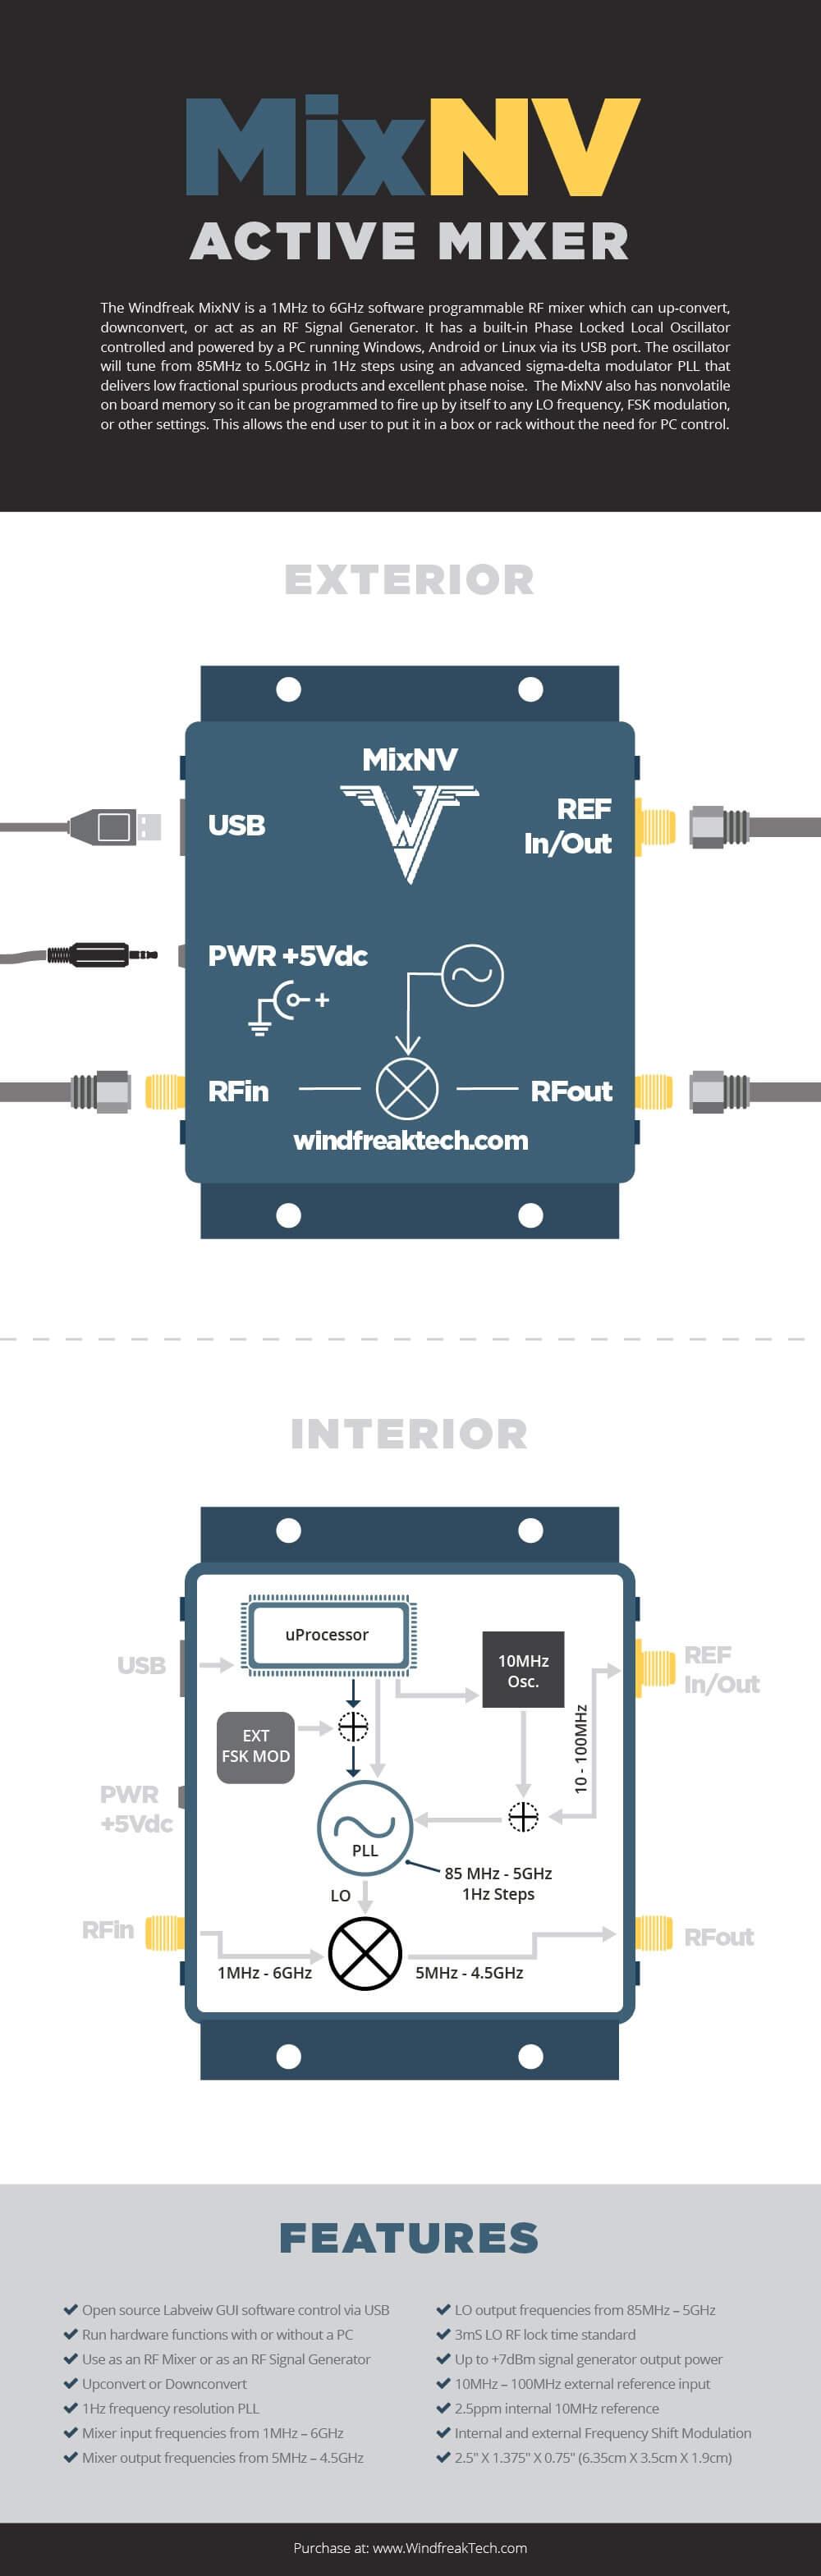 MixNVActiveMixer-Infographic